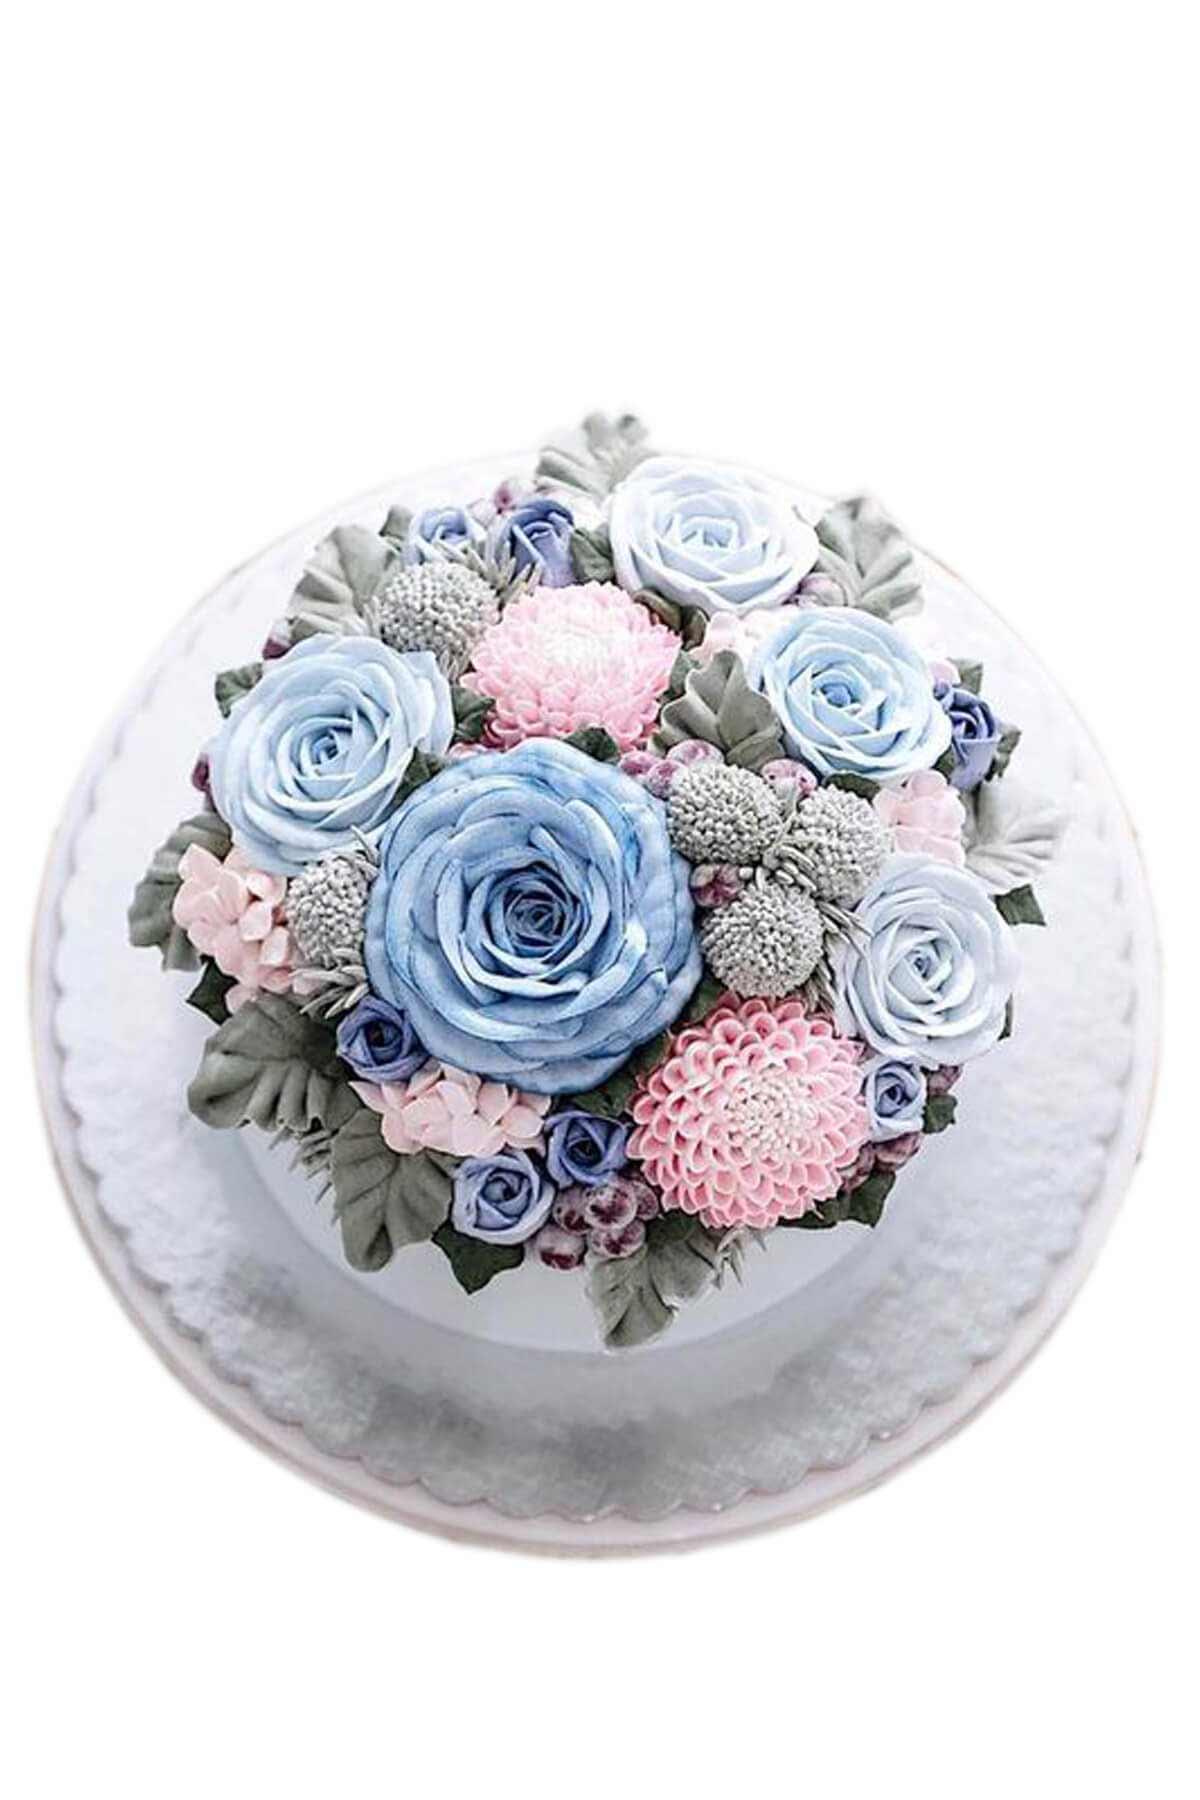 bánh sinh nhật vườn hoa